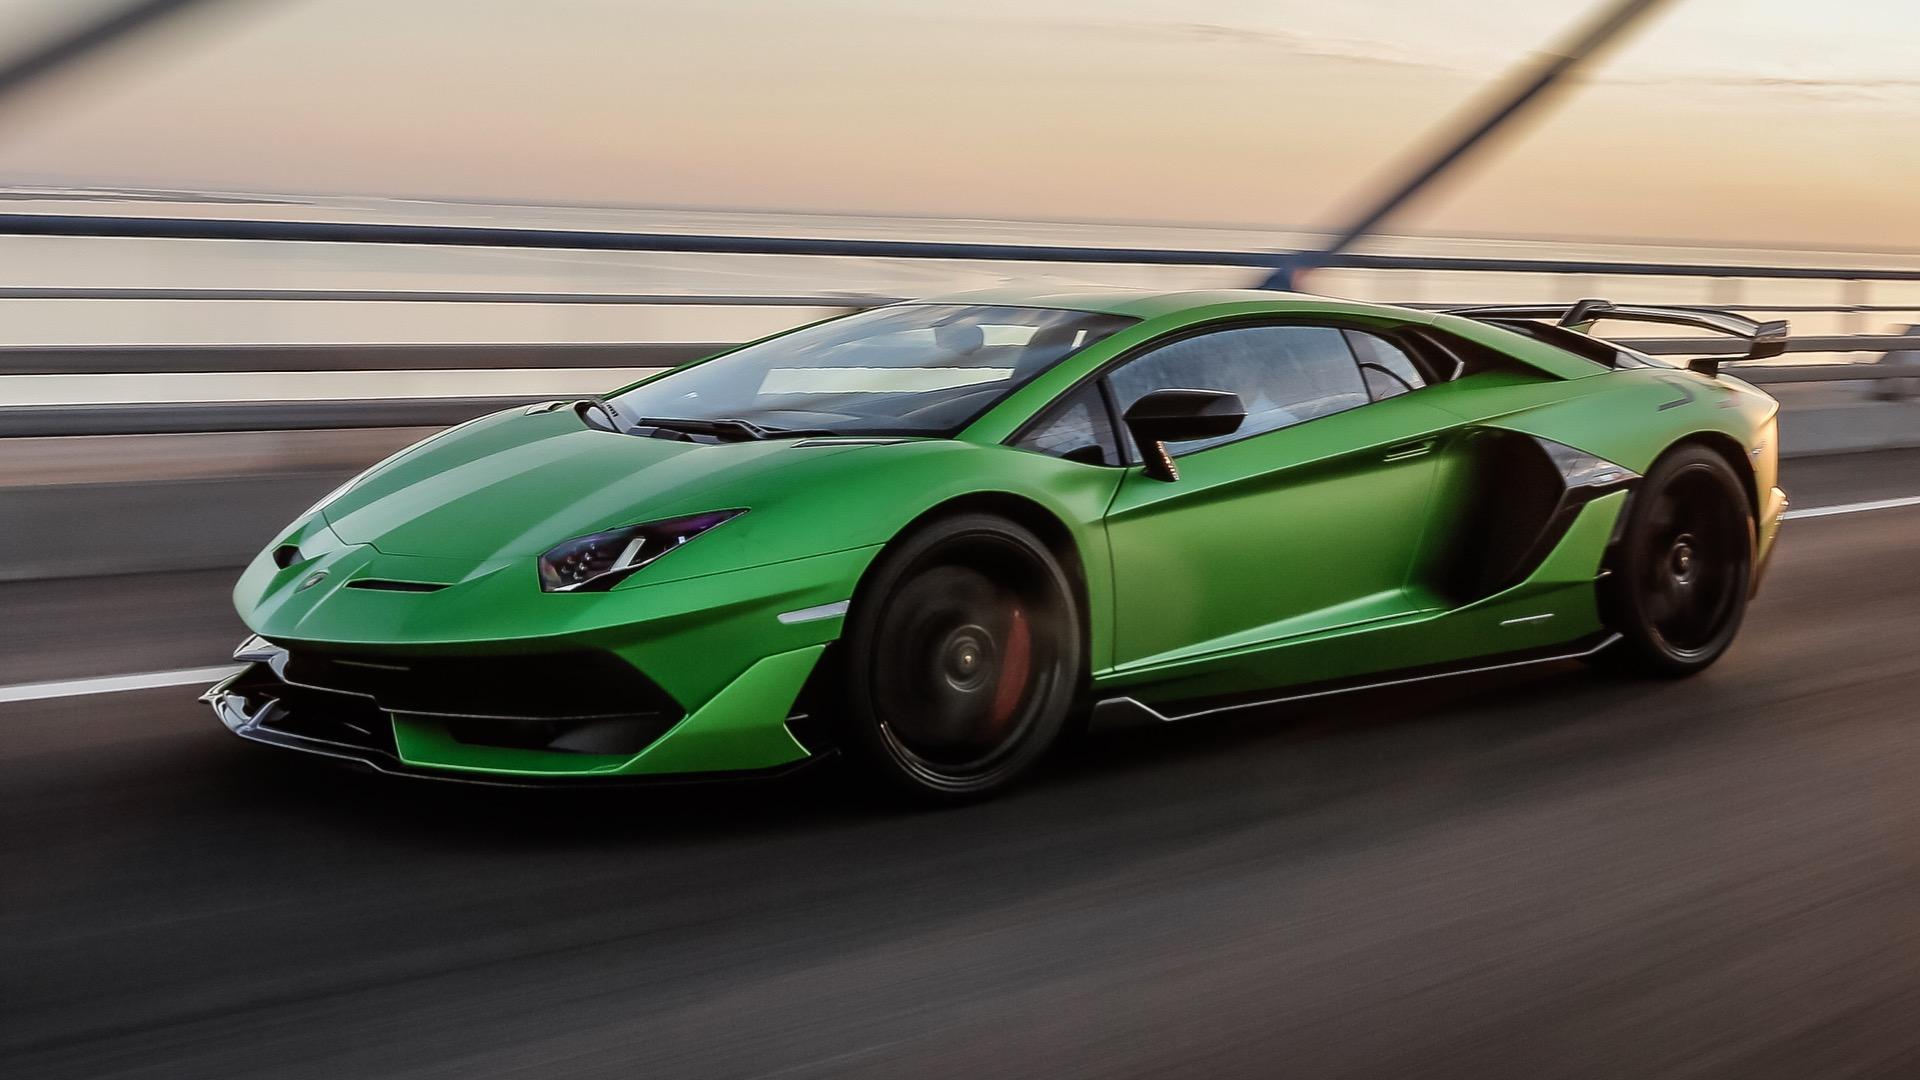 Globe Drive Aventador Svj The Most Extreme Lamborghini Yet The